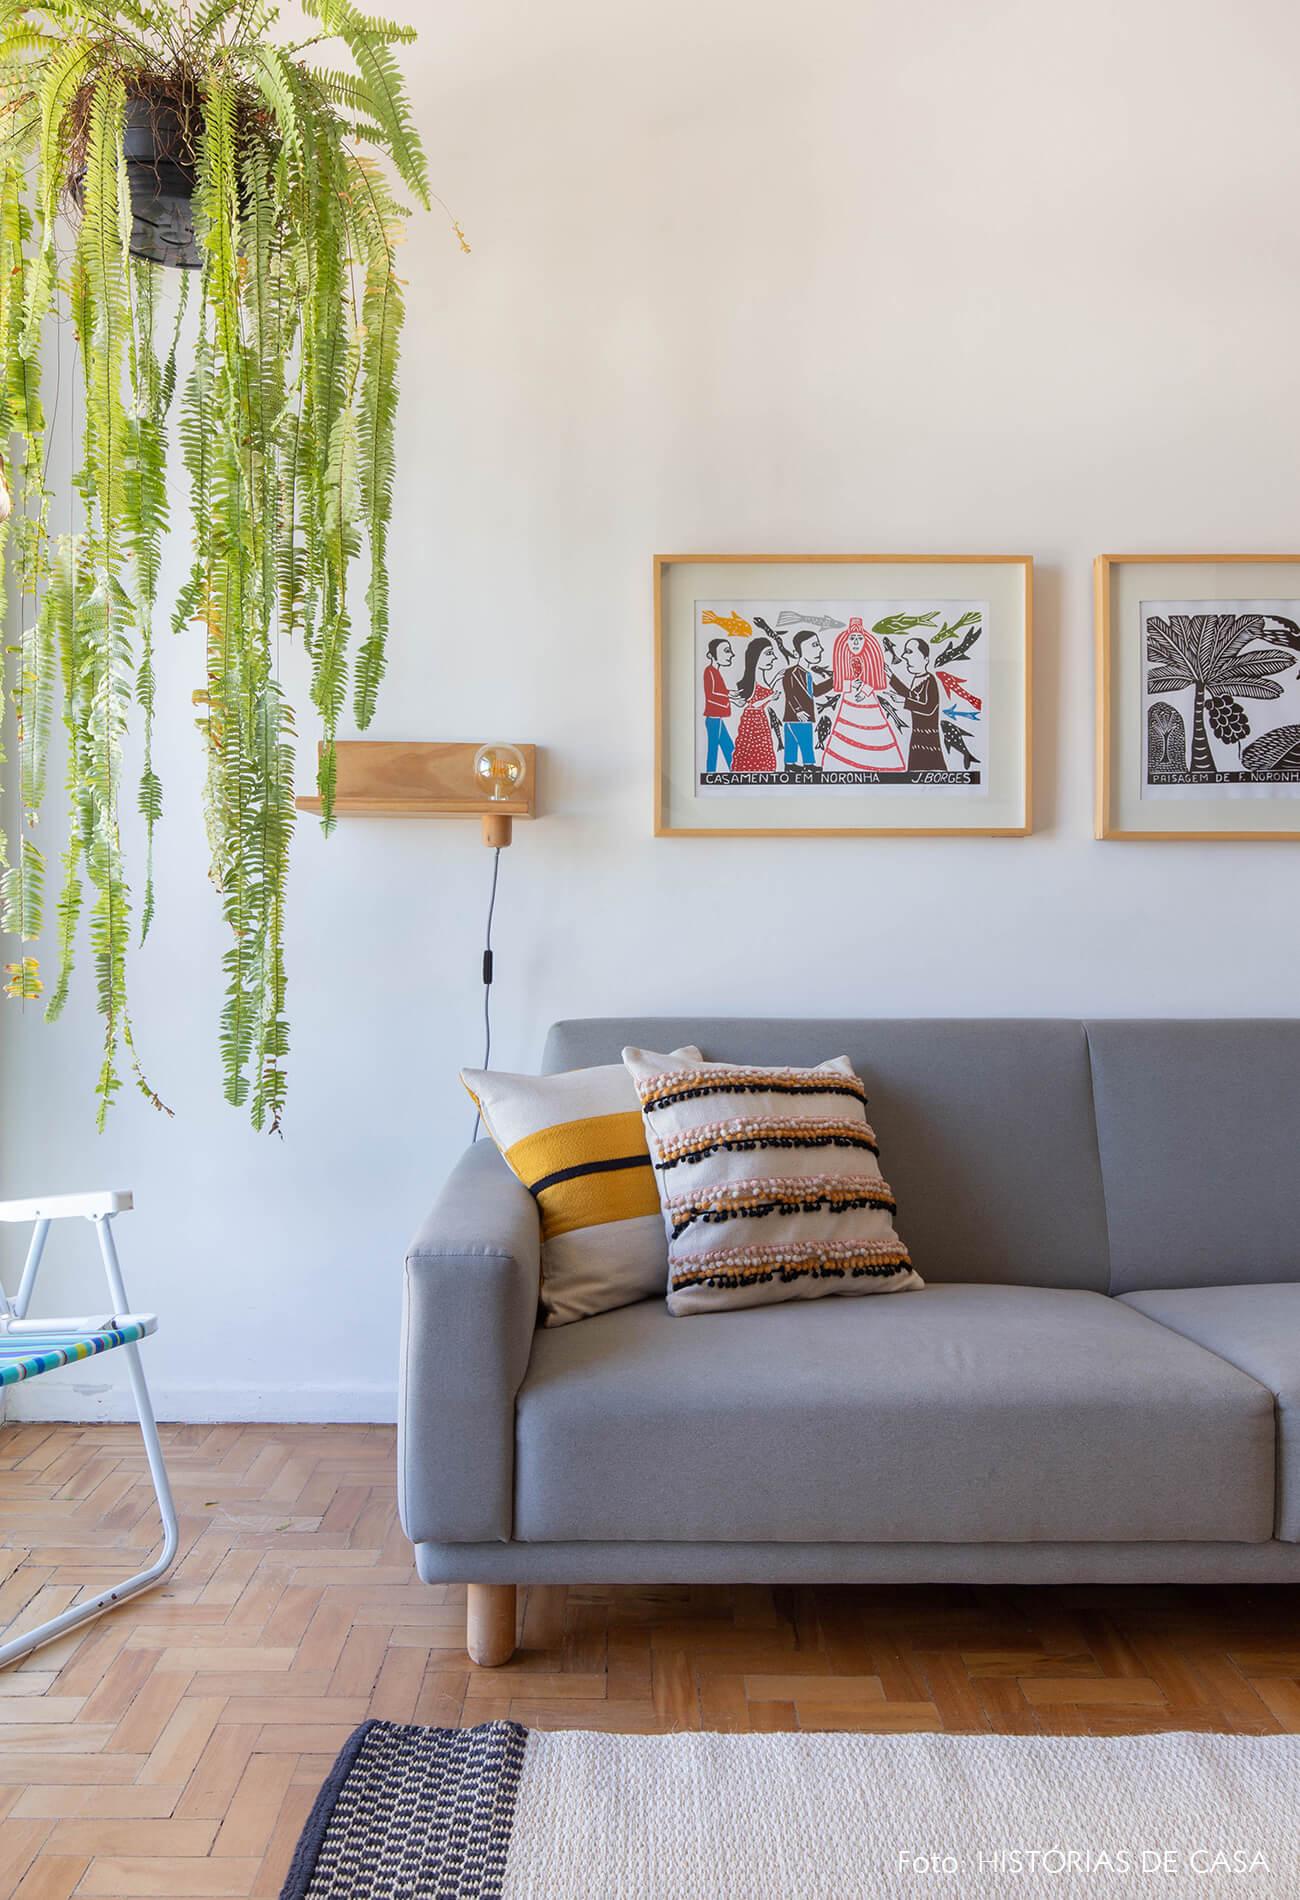 decoração quadros obrah sala cadeira praia xilogravura j borges